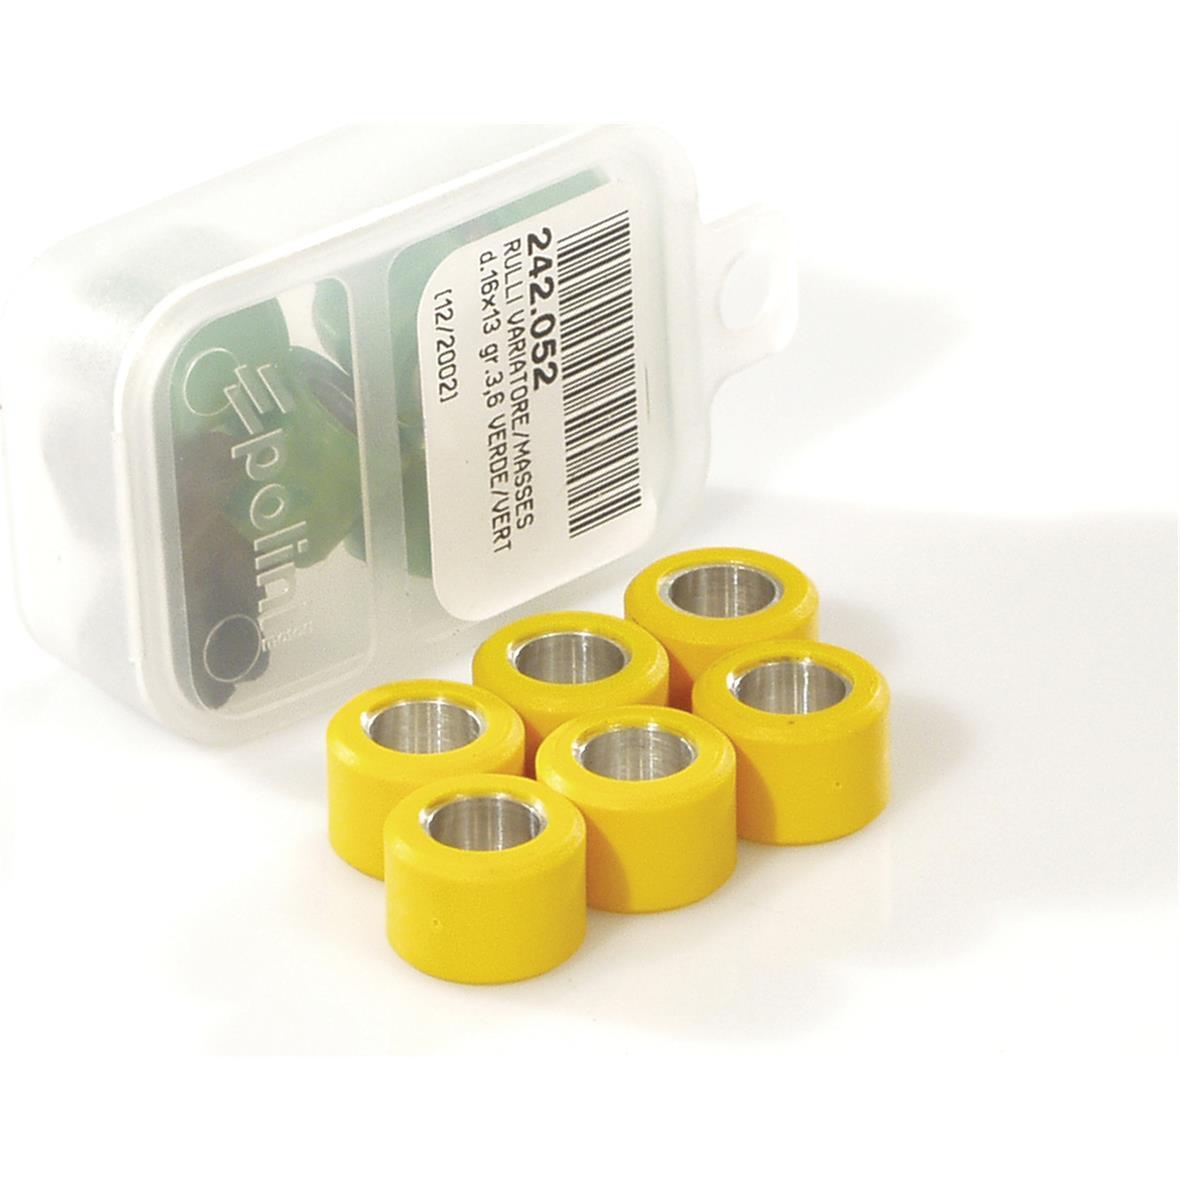 Productafbeelding voor 'Variateur Rollen POLINI 23x18 mm 12.4 gramTitle'